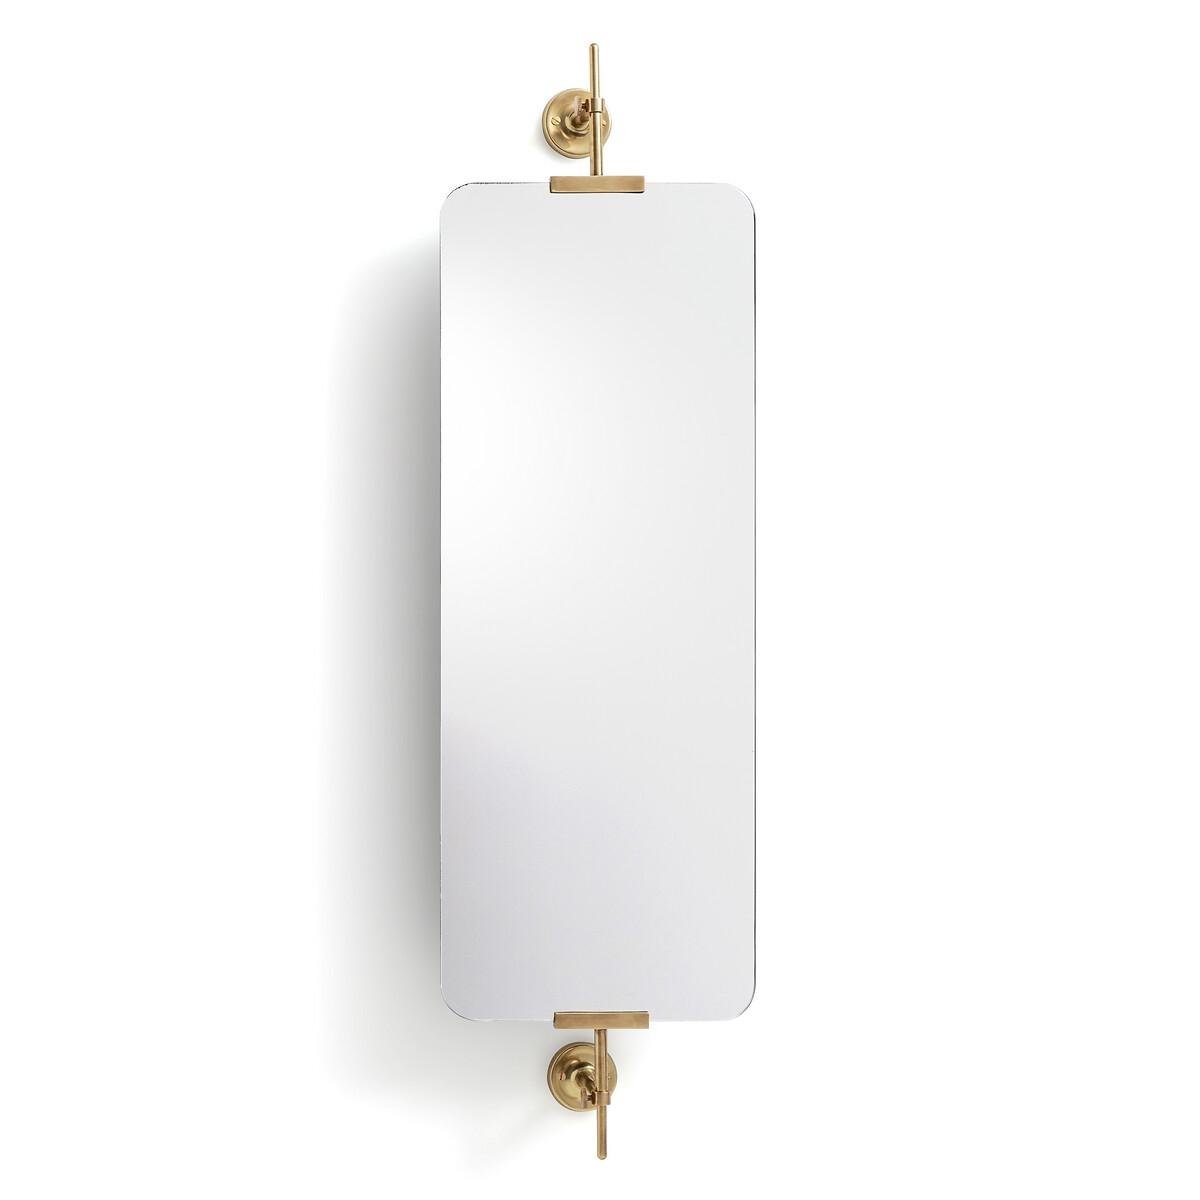 Зеркало La Redoute Прямоугольное с поворотом В1065 см Cassandre единый размер желтый зеркало la redoute прямоугольное д x в см barbier единый размер другие